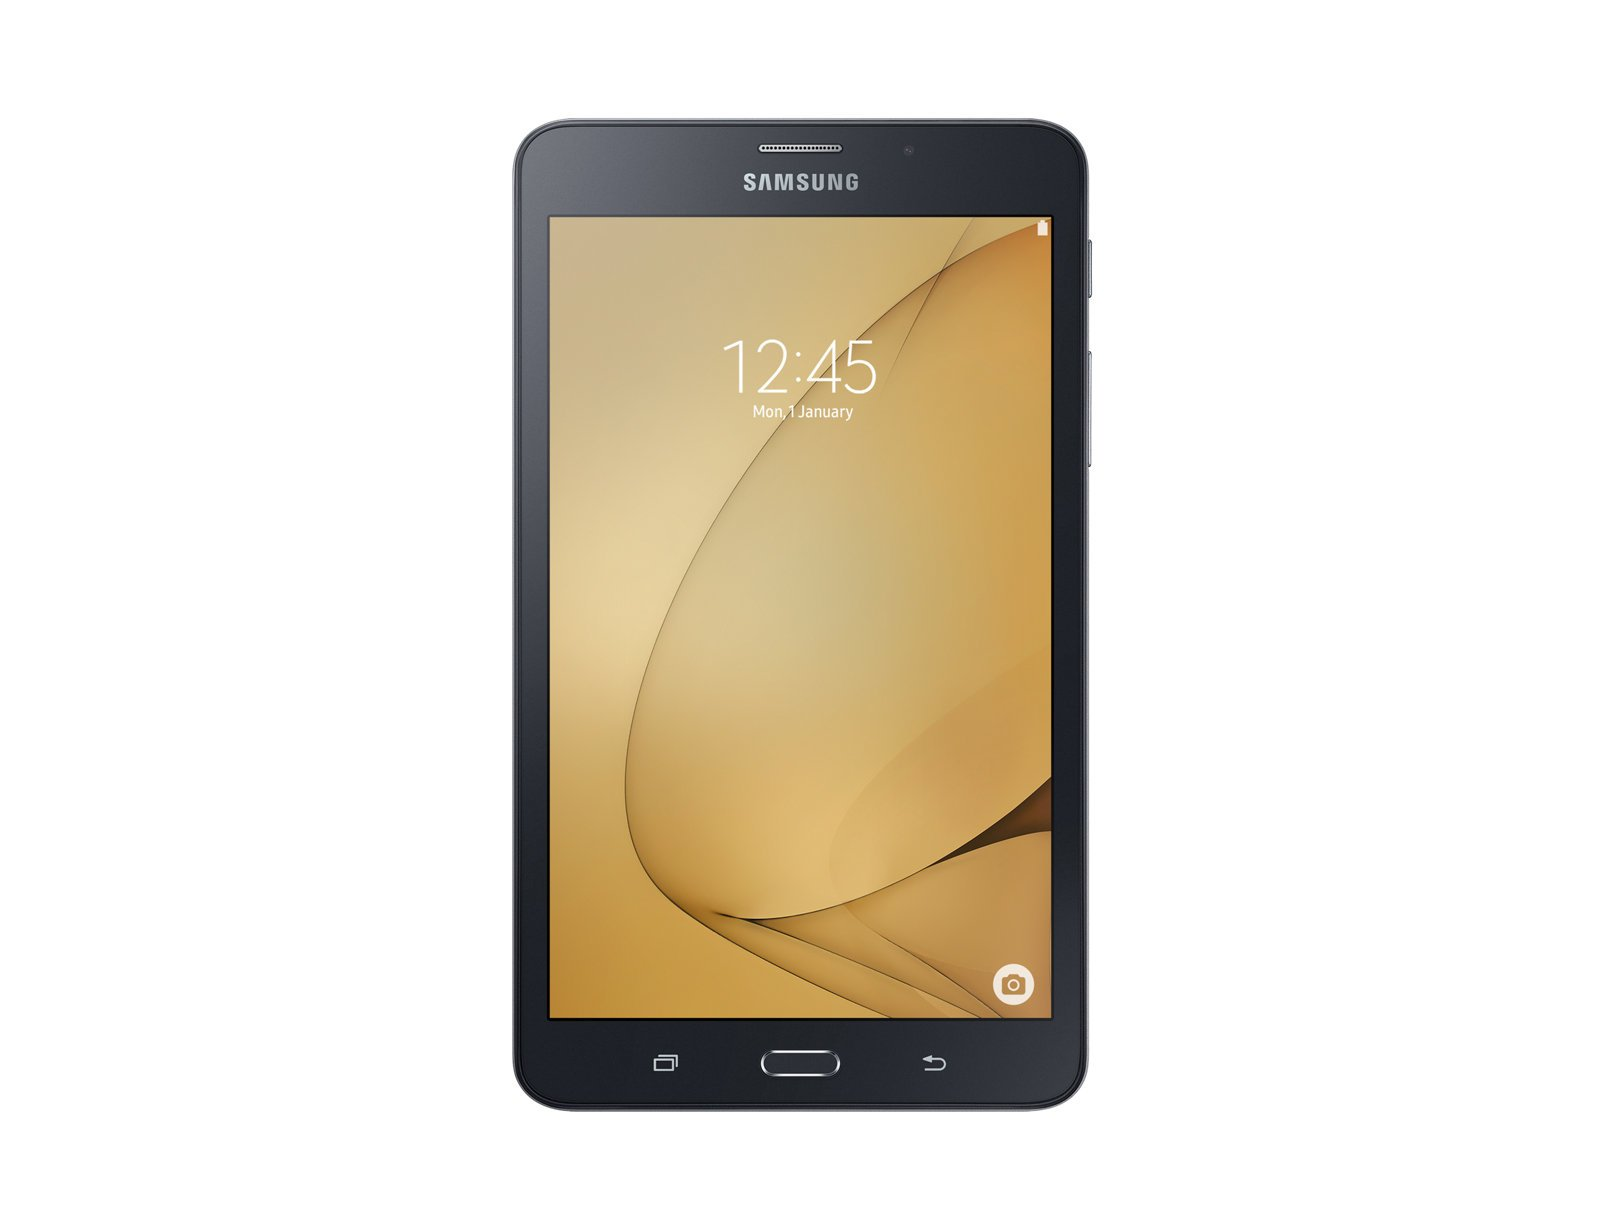 Samsung Galaxy Tab A T285 8GB Black, 7.0'', Unlocked International Model, No Warranty